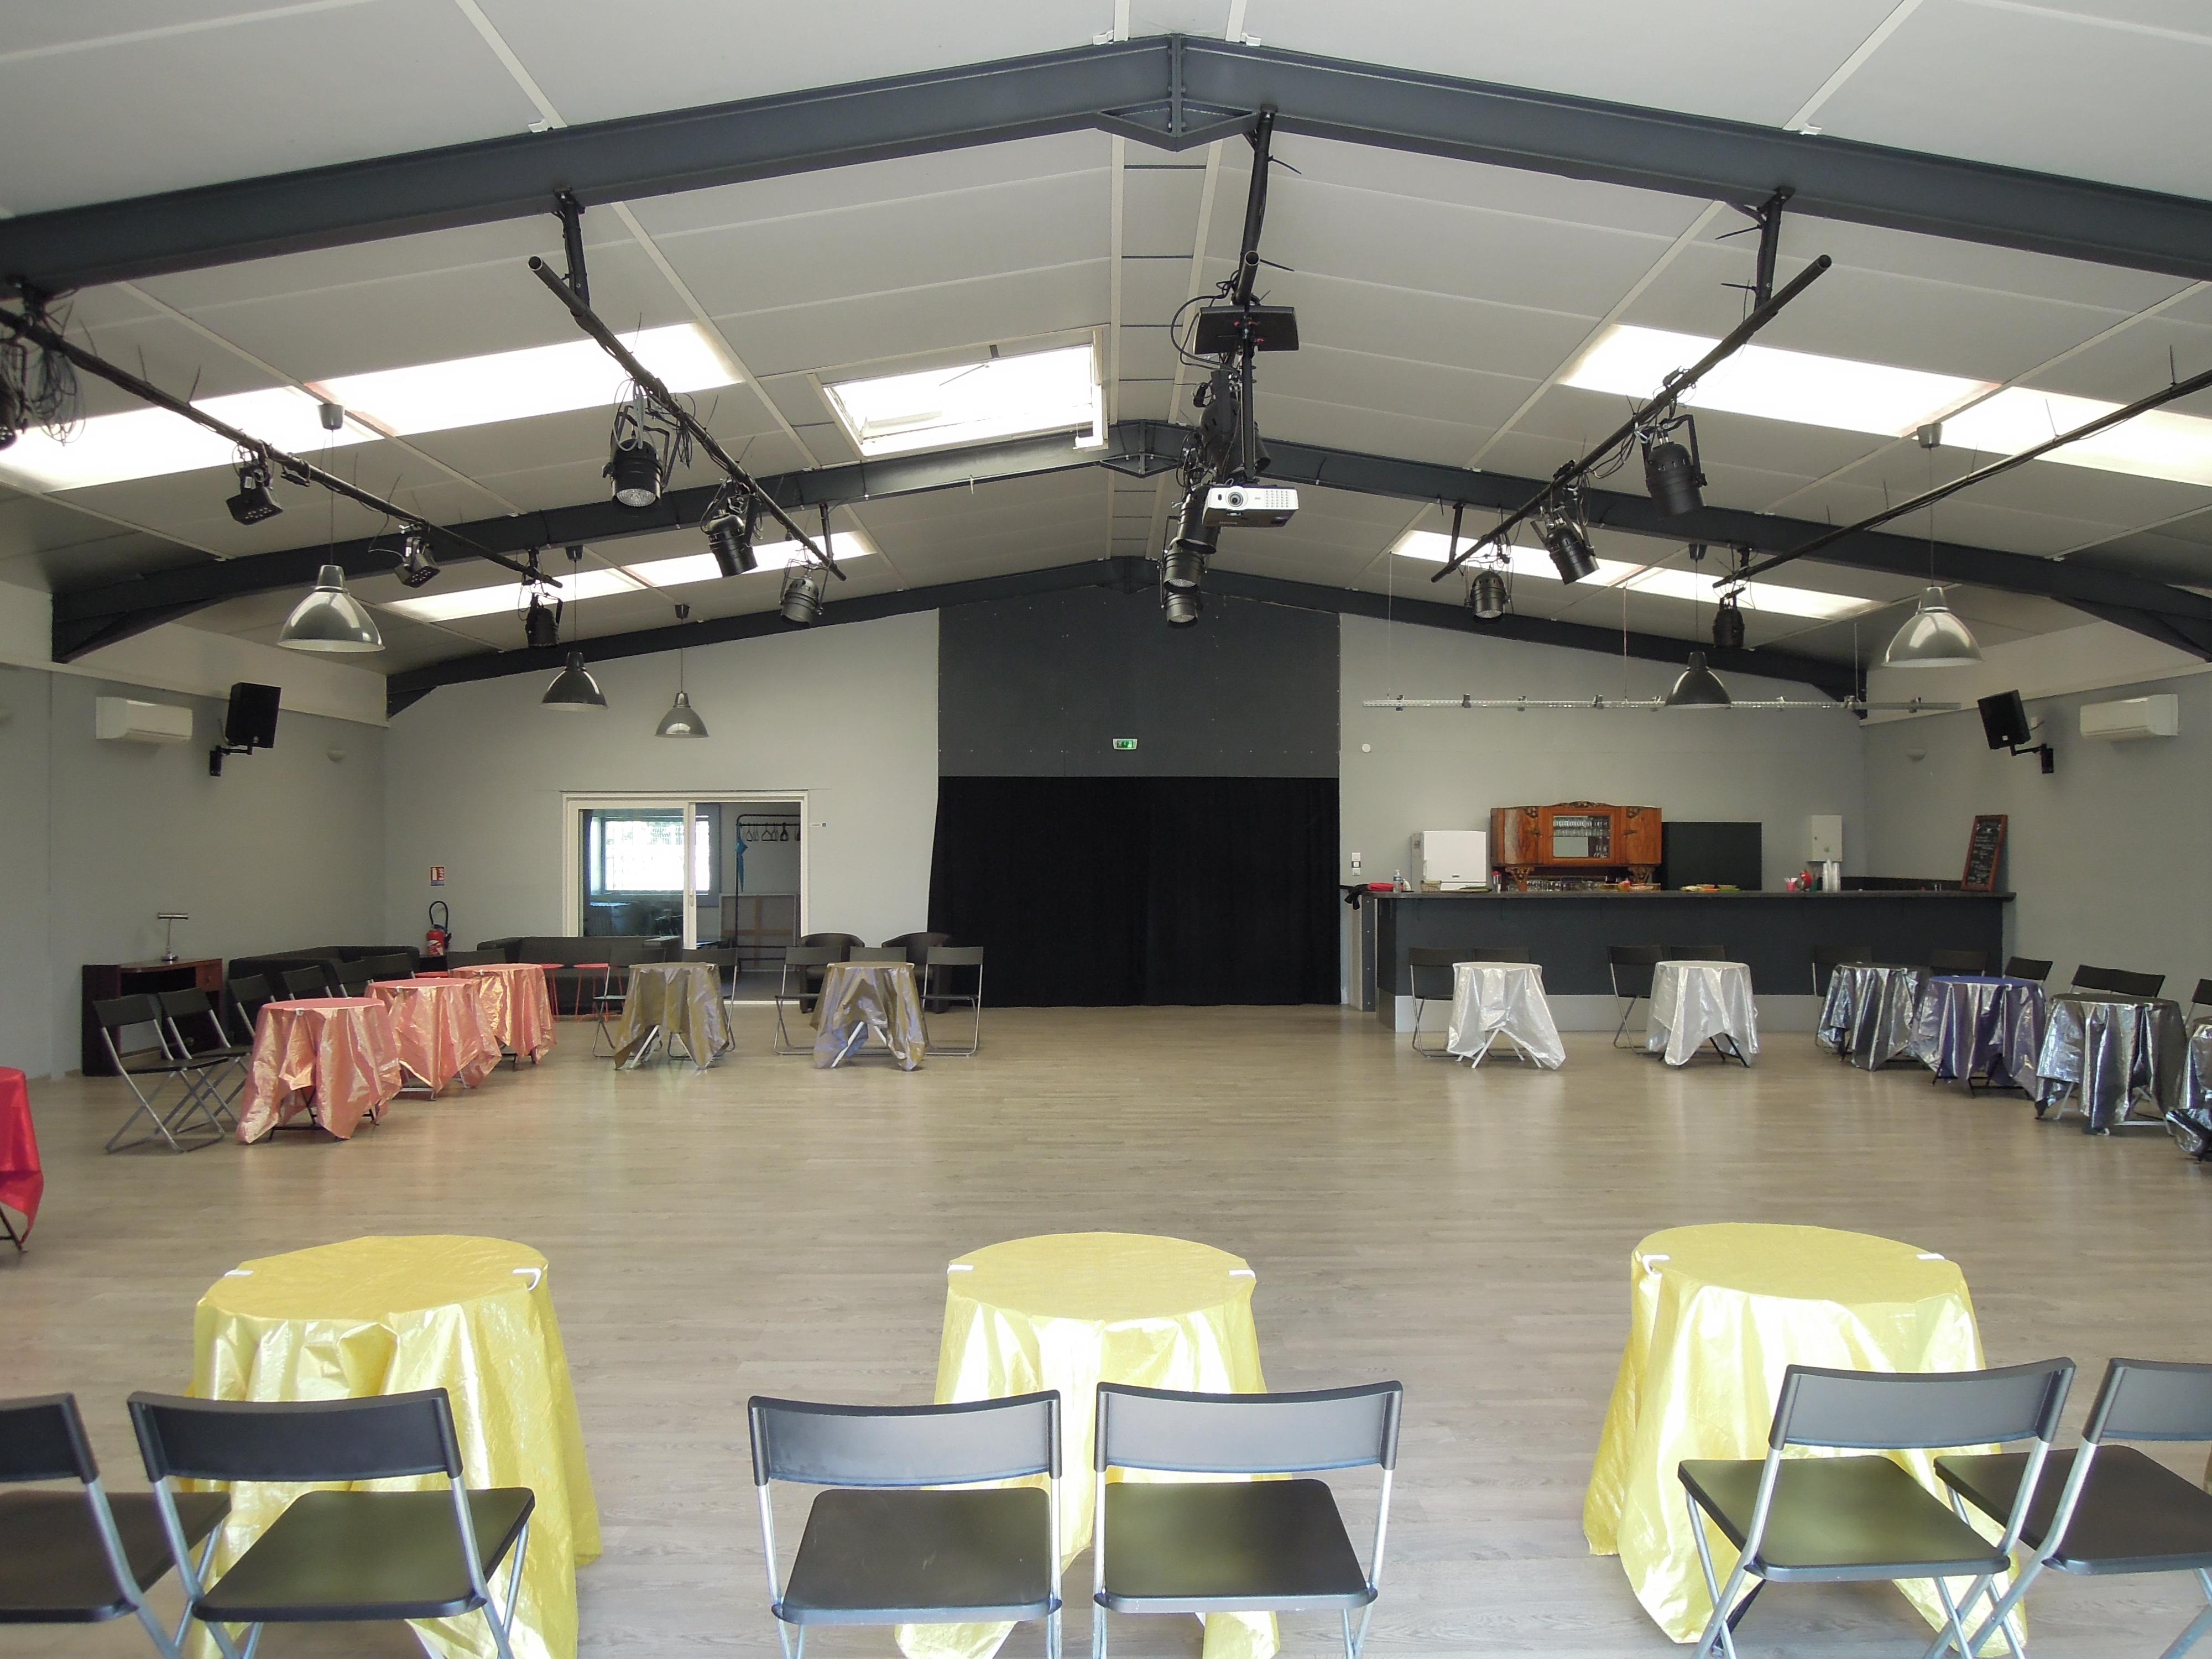 Location de salle mise disposition el sal n de tango for Salon de jardin montpellier